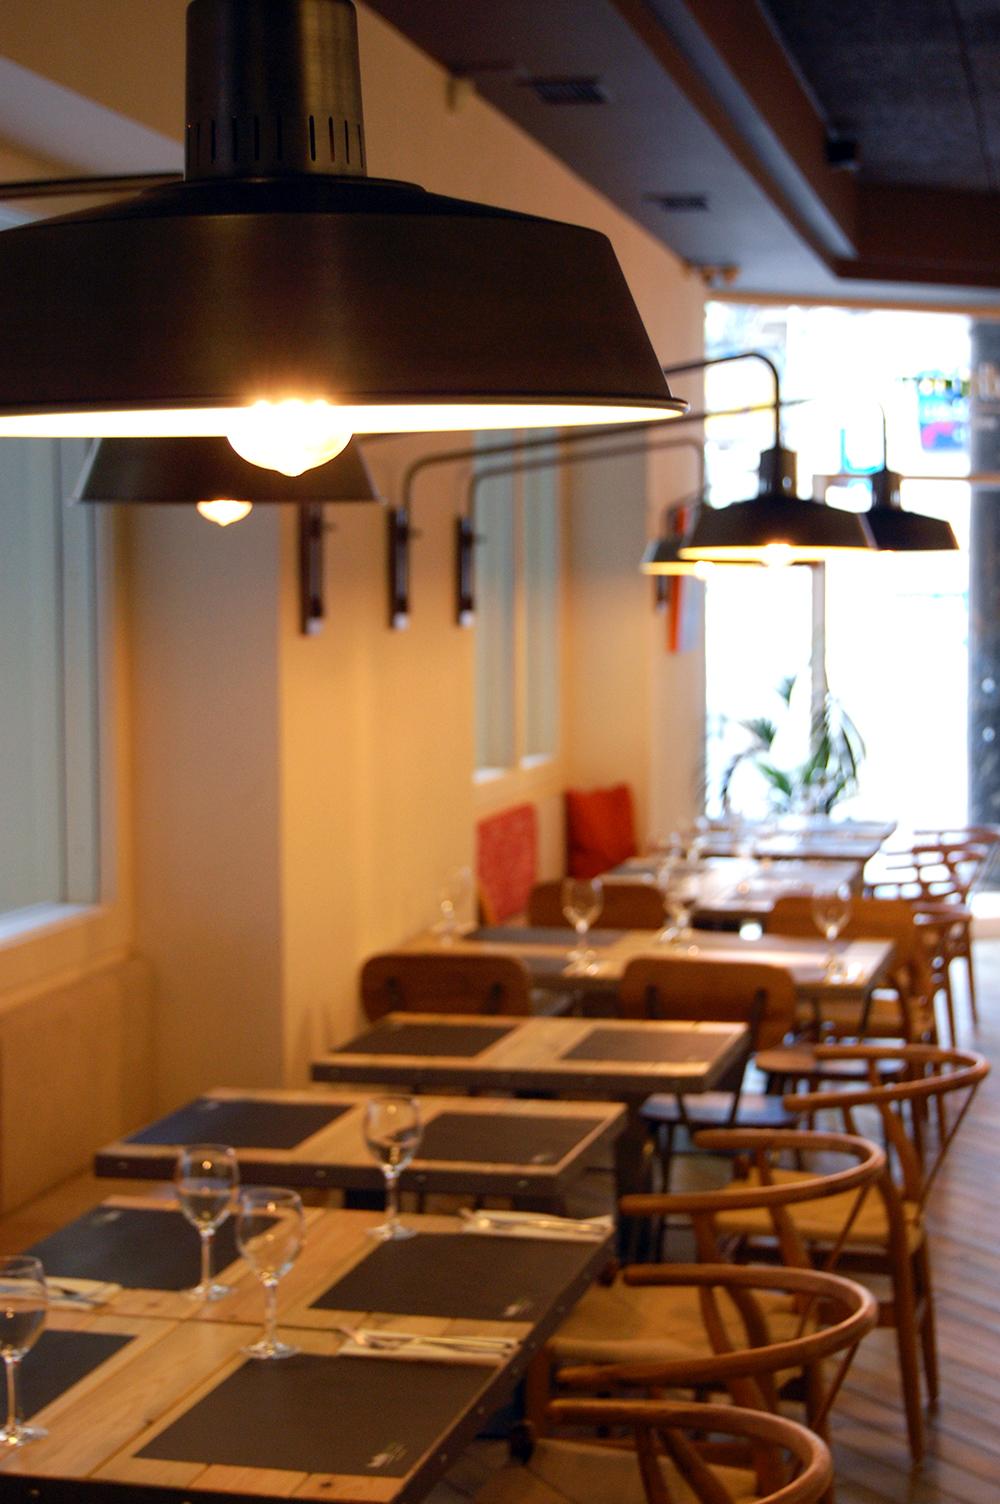 lamparas de pared de estilo vintage industrial